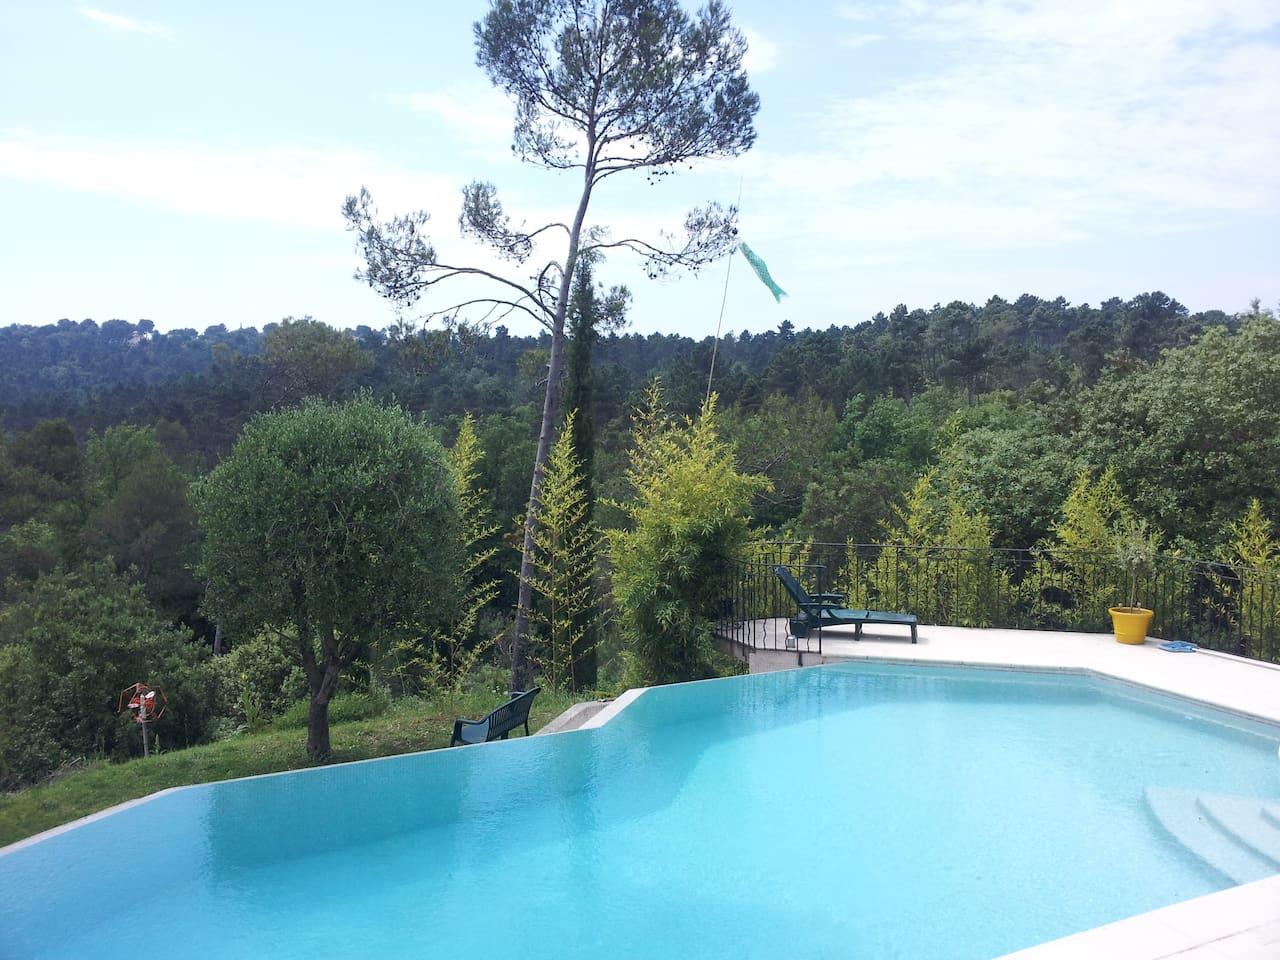 La piscine avec débordement est chauffée de juin a septembre.